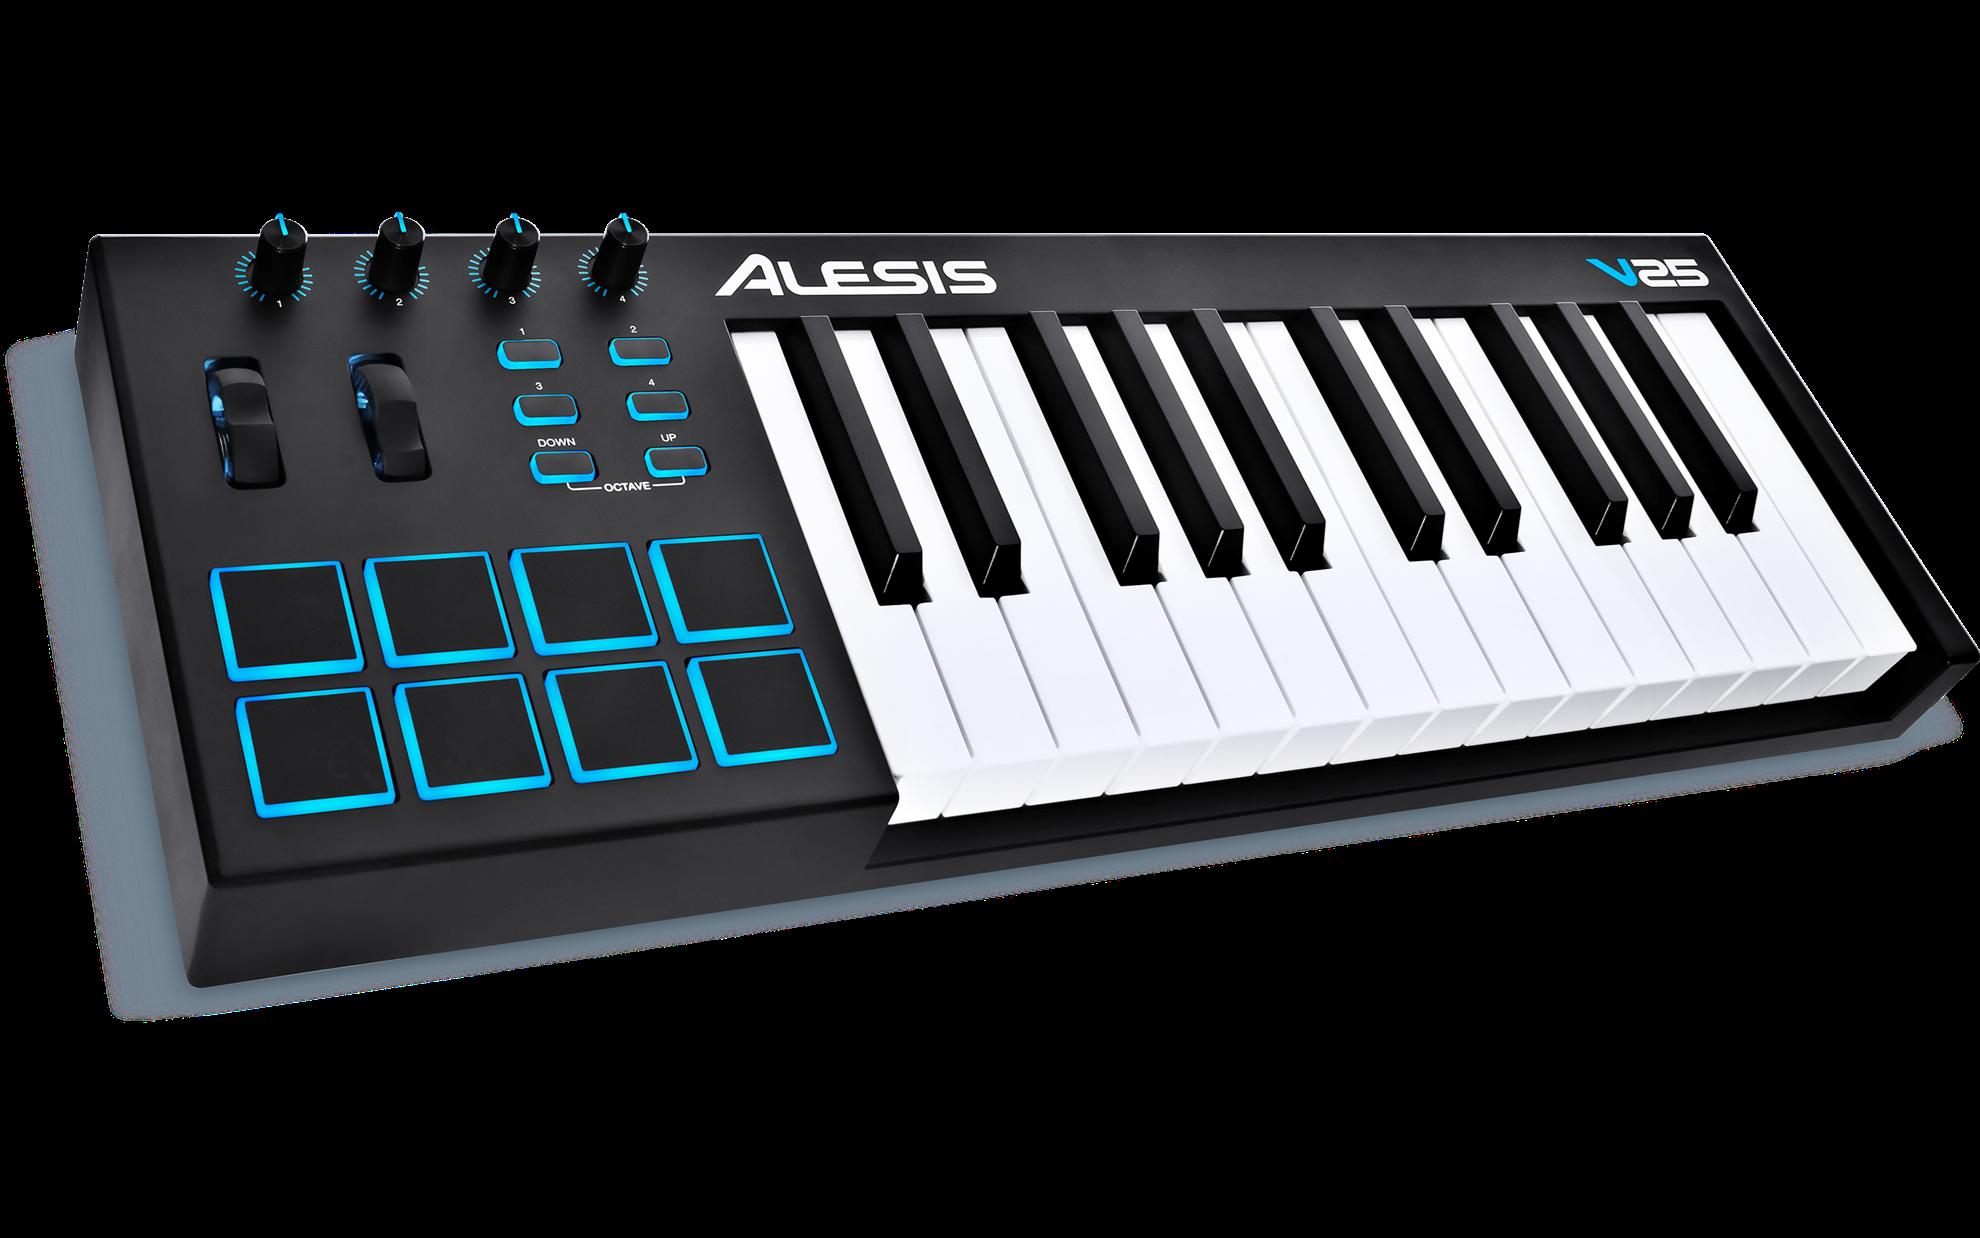 alesis v25 25 key usb midi keyboard controller perth mega music online. Black Bedroom Furniture Sets. Home Design Ideas